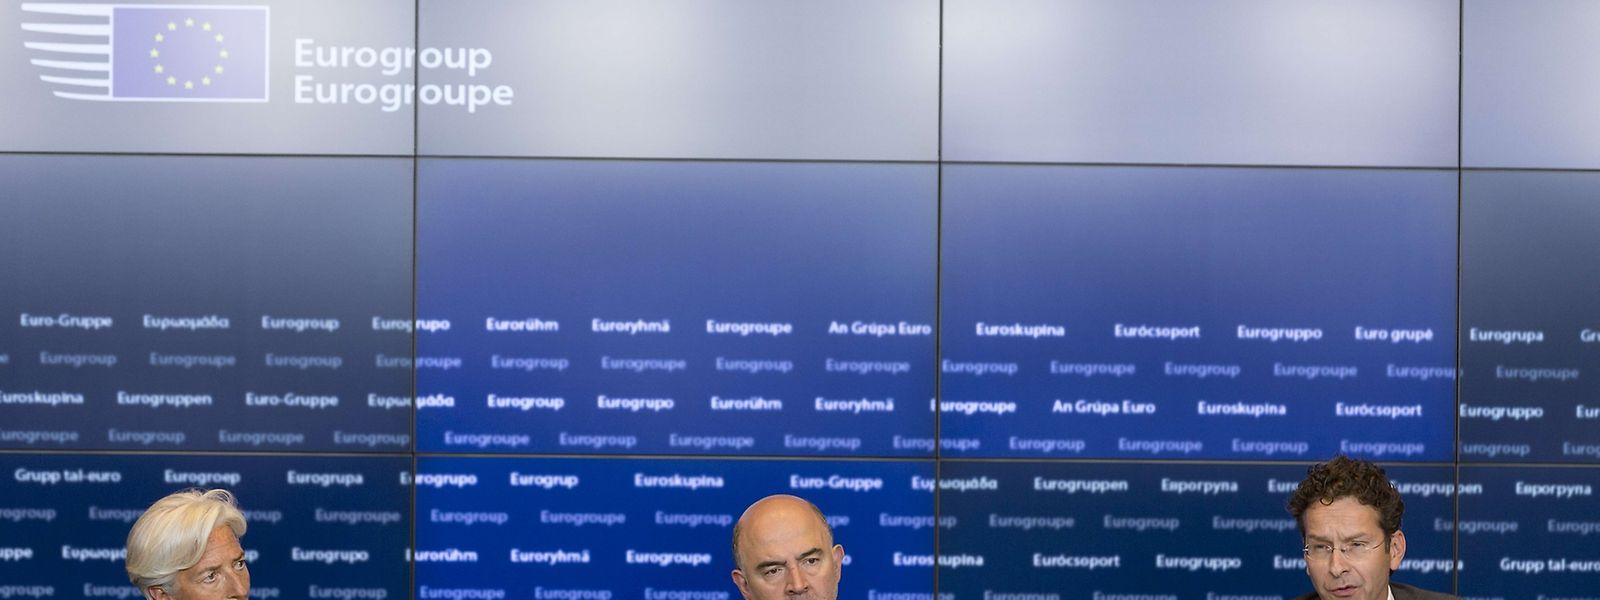 Christine Lagarde (IWF), Pierre Moscivici (EU-Kommission) undJeroen Dijsselbloem (Eurogruppe) bei ihrer gemeinsamen Erklärung.